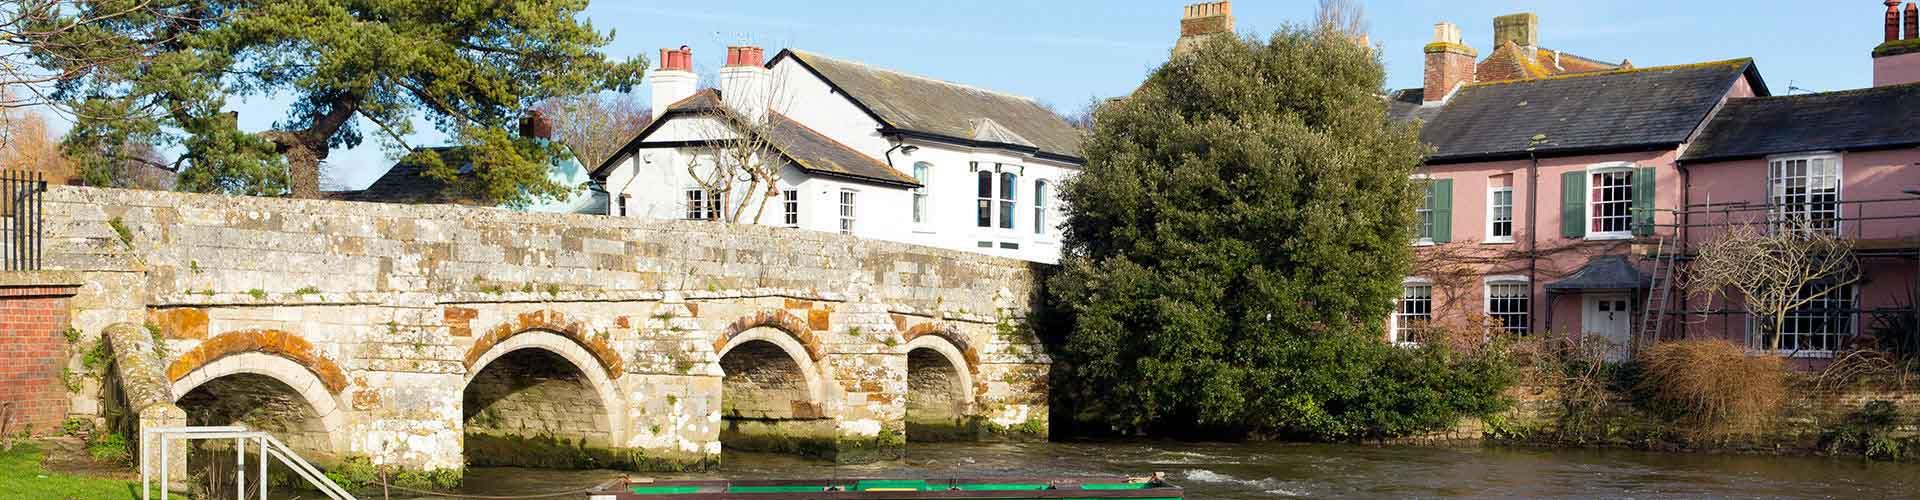 Bournemouth - Hostelů v Bournemouth. Mapy pro Bournemouth, fotky a recenze pro každý hostel v Bournemouth.